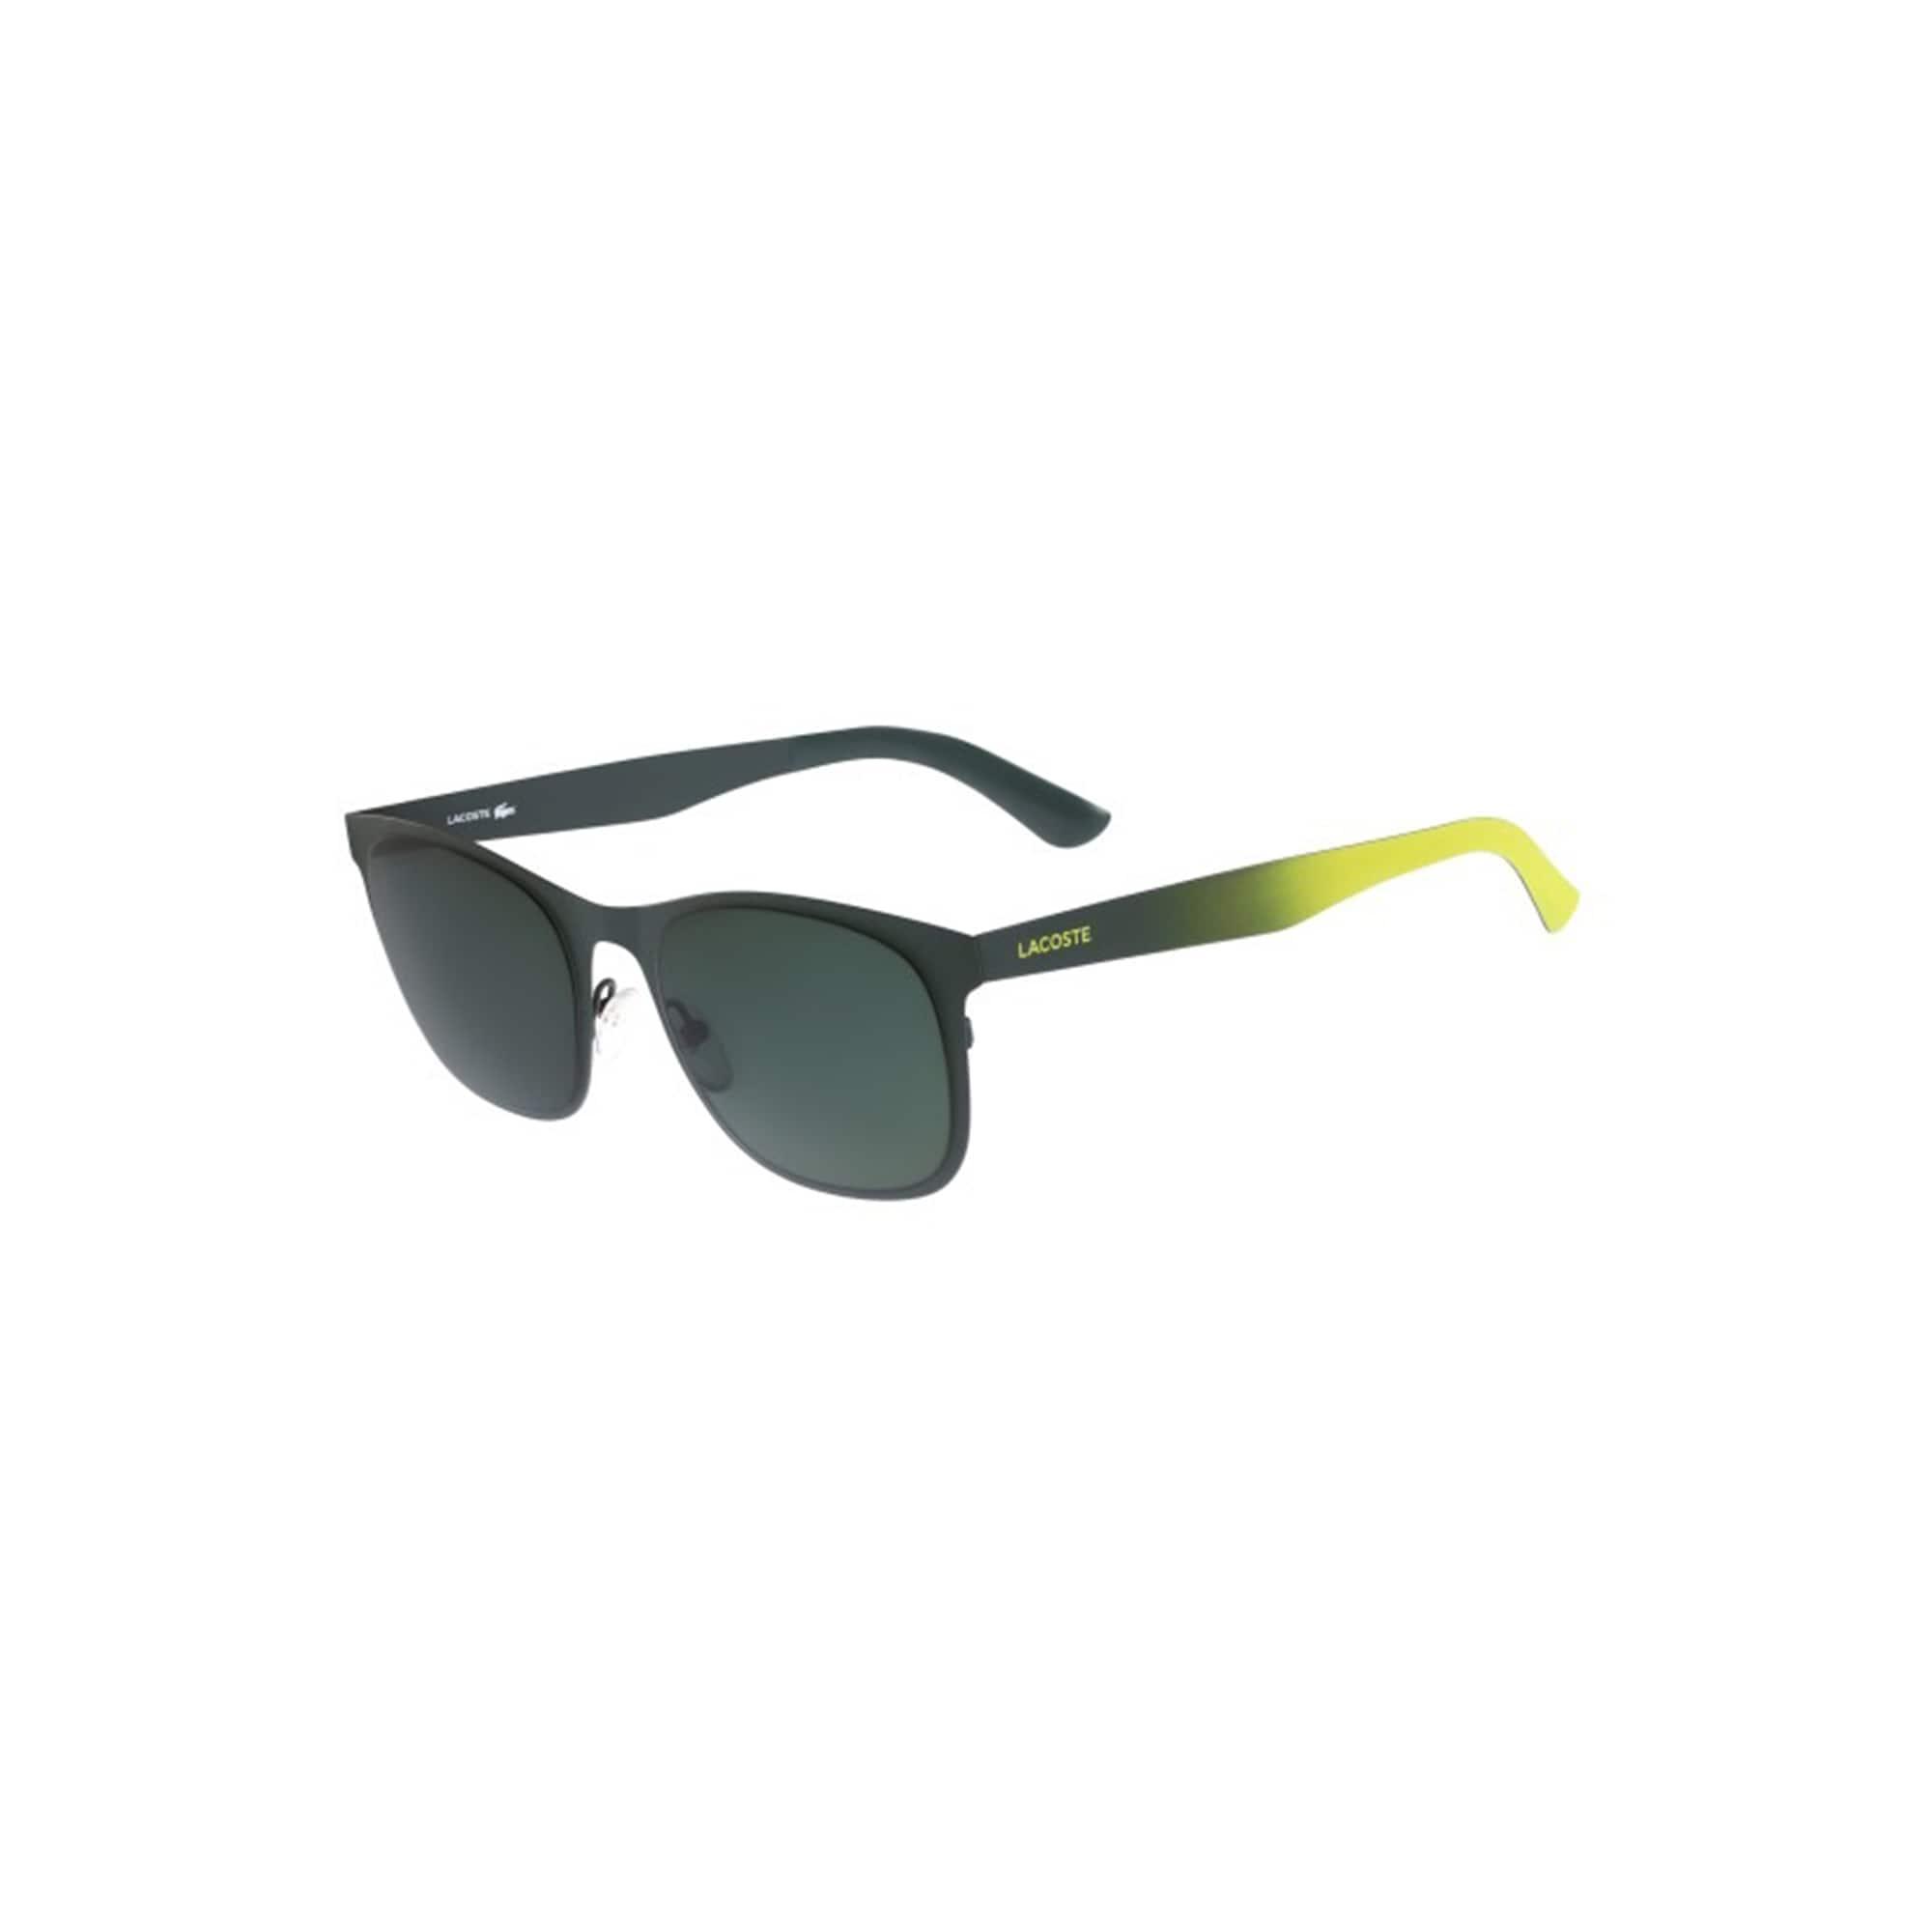 Men's Lightweight Wayfarer Sunglasses